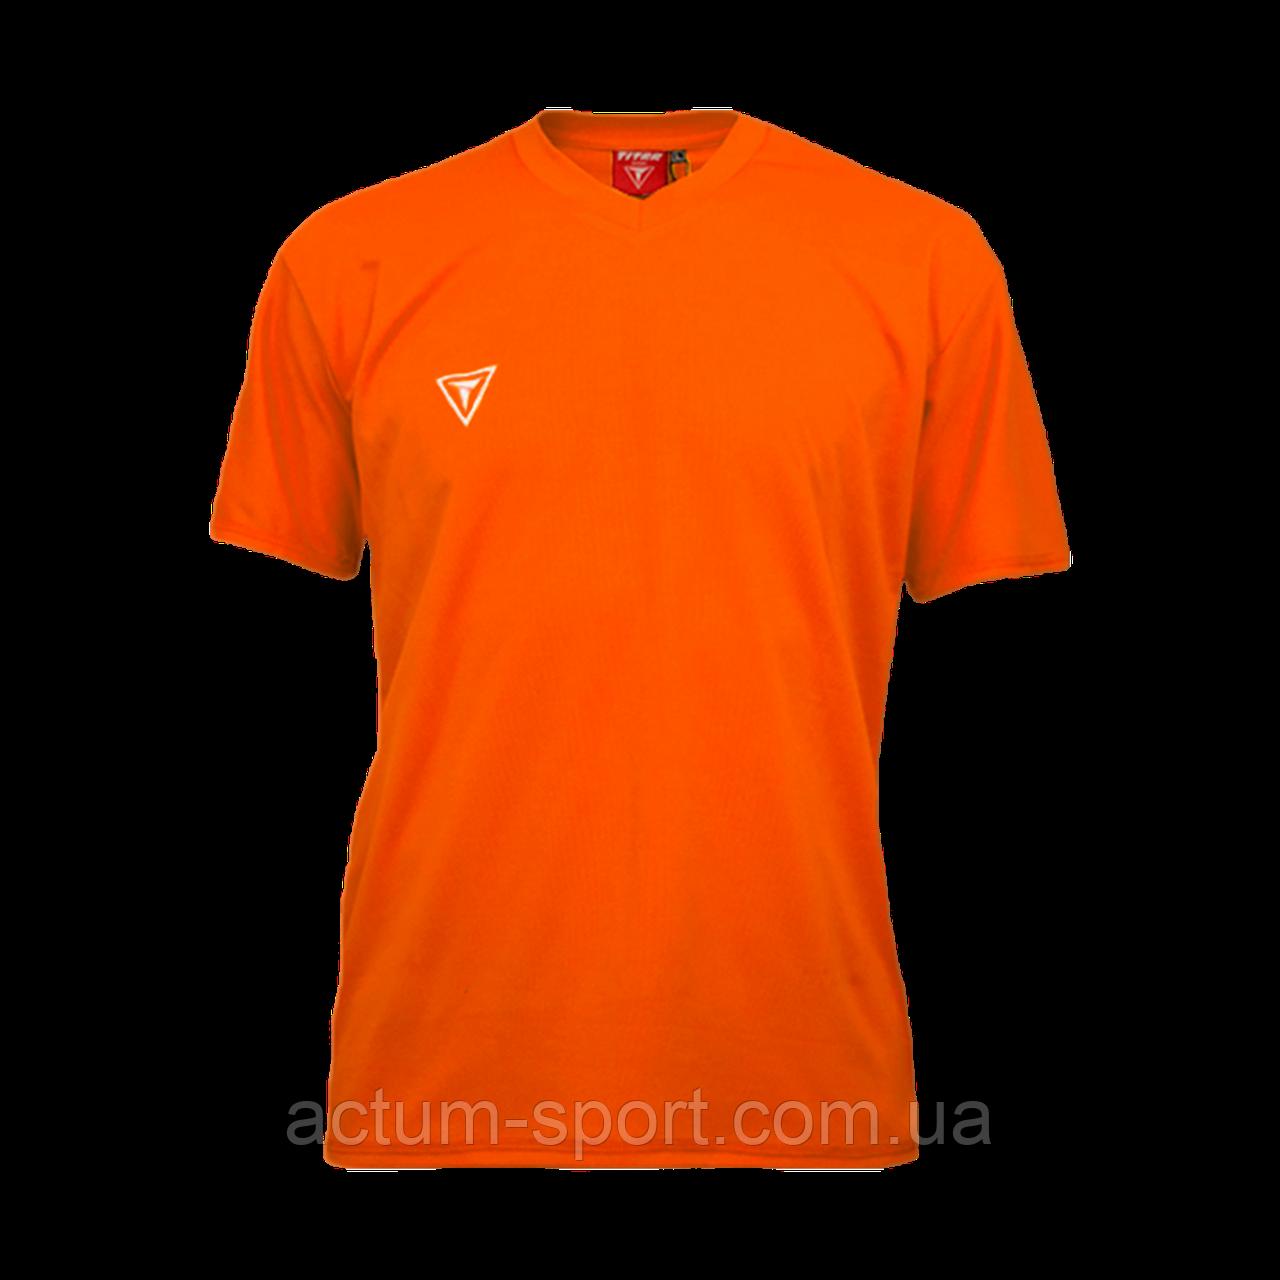 Футболка игровая Universal Titar Оранжевый, XL